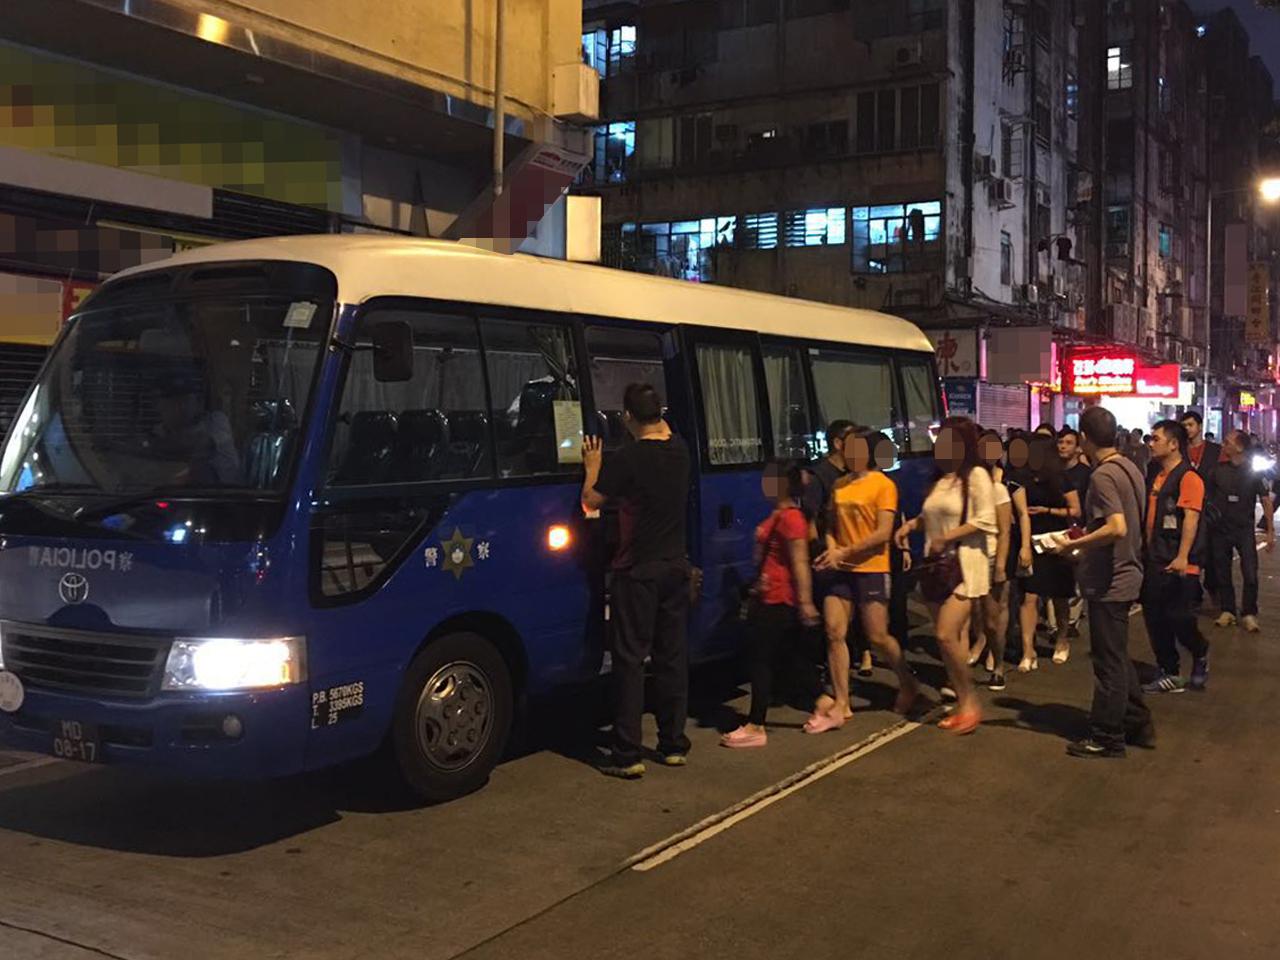 Prostituição   Rede desmantelada na Rua da Tercena